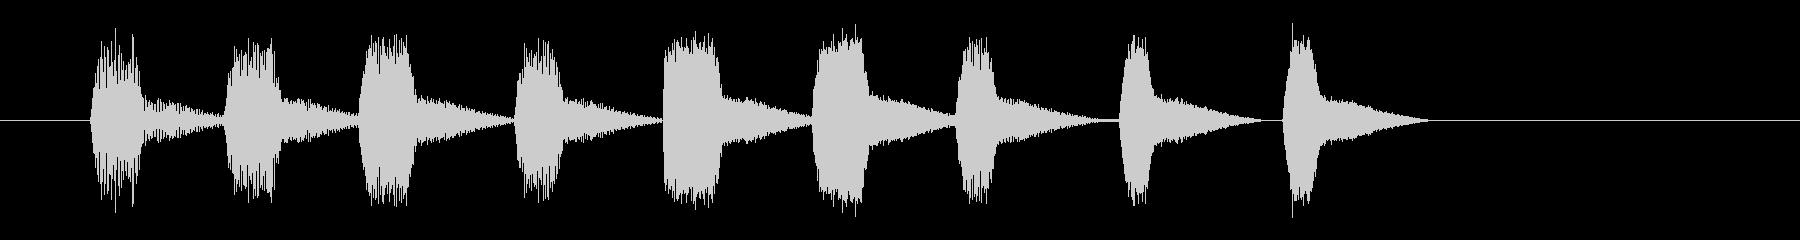 上昇_アップ_200704の未再生の波形